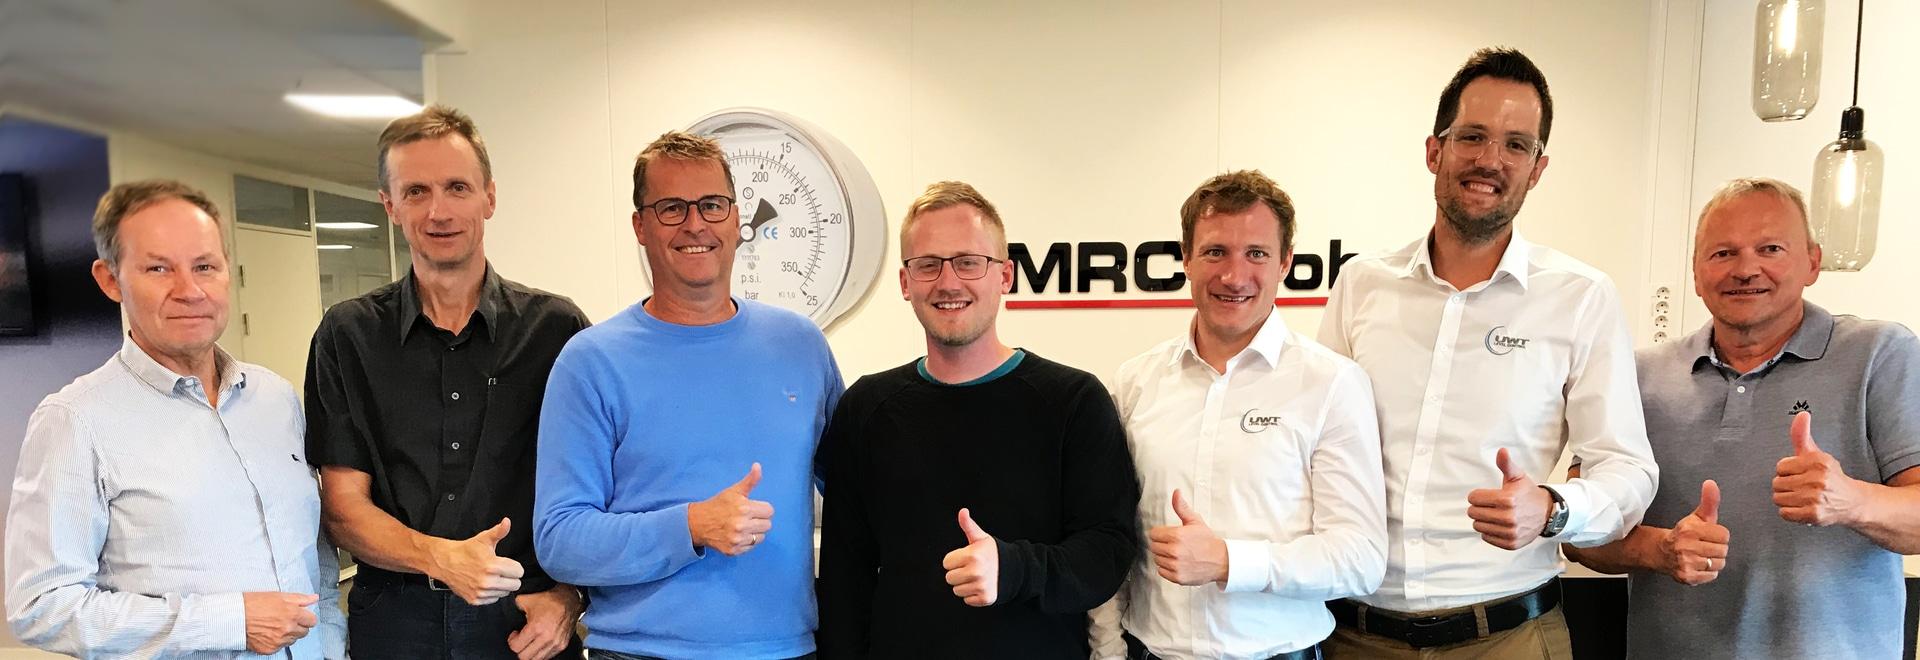 Une équipe de l'UWT en visite à la MRC Global en Norvège